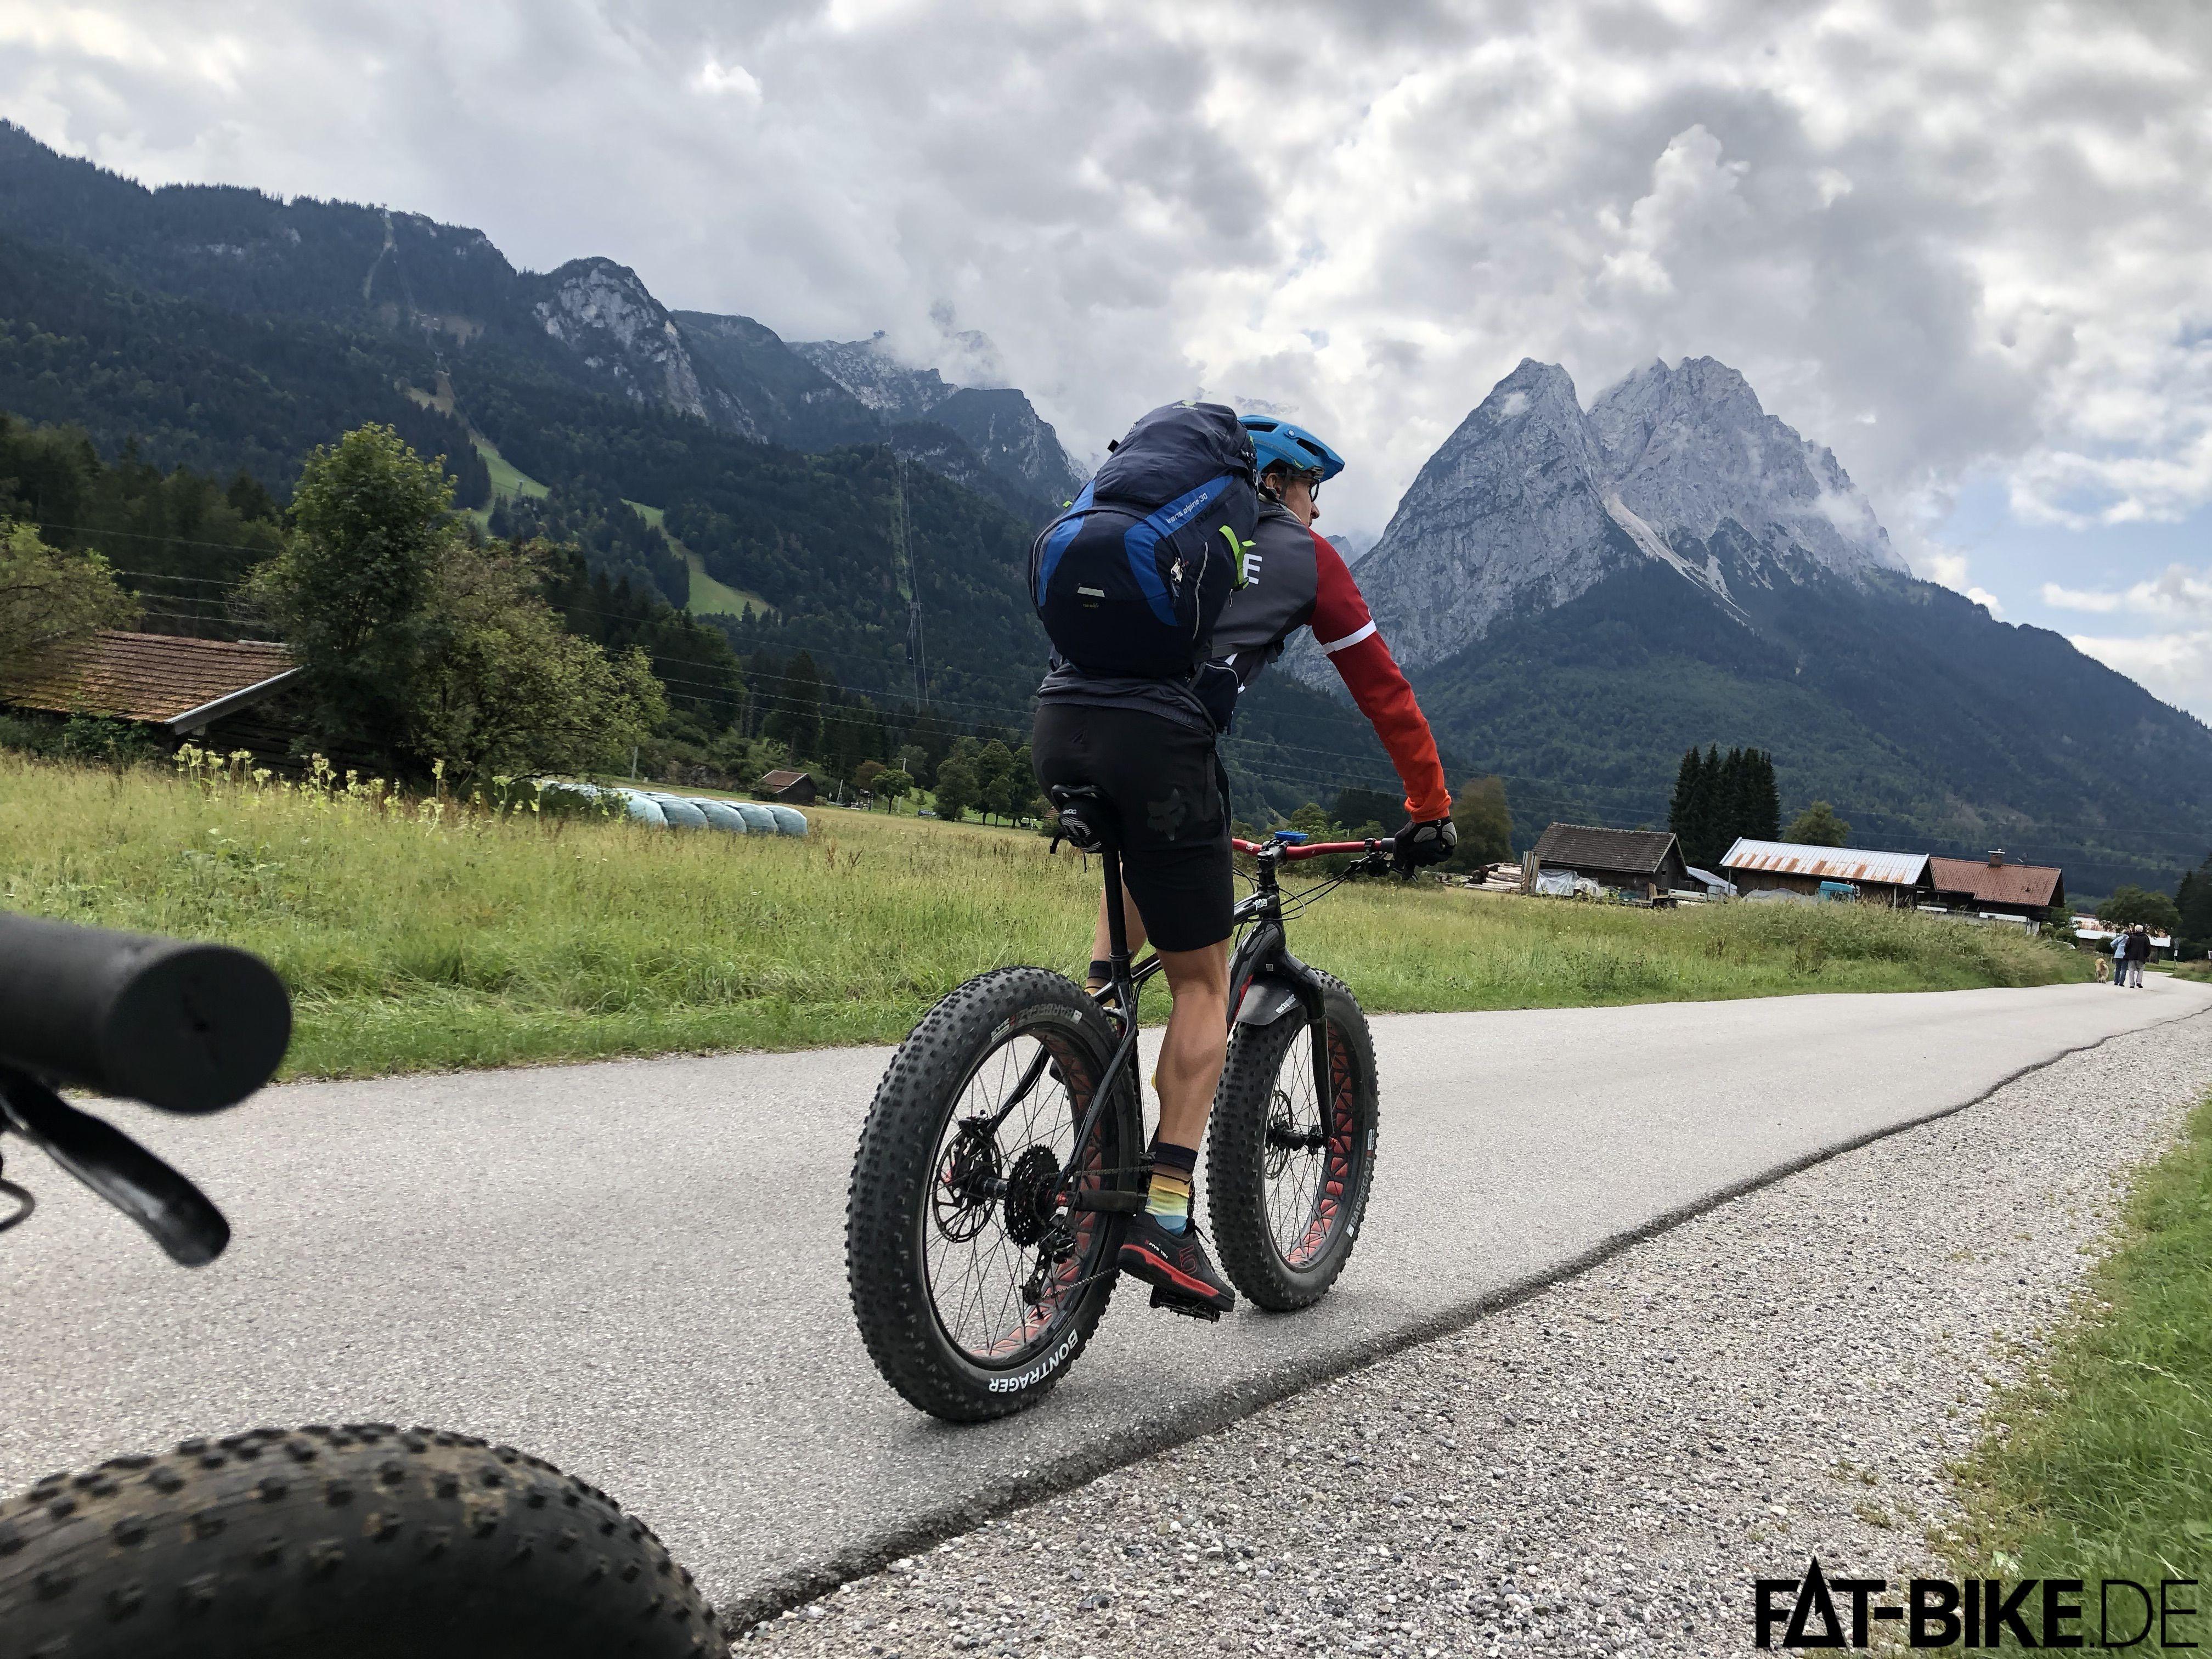 Hinter und, die Zugspitze. Vor uns, ein anderer Berg. Wir, auf Asphalt-Radweg, auf der Albrecht Route.